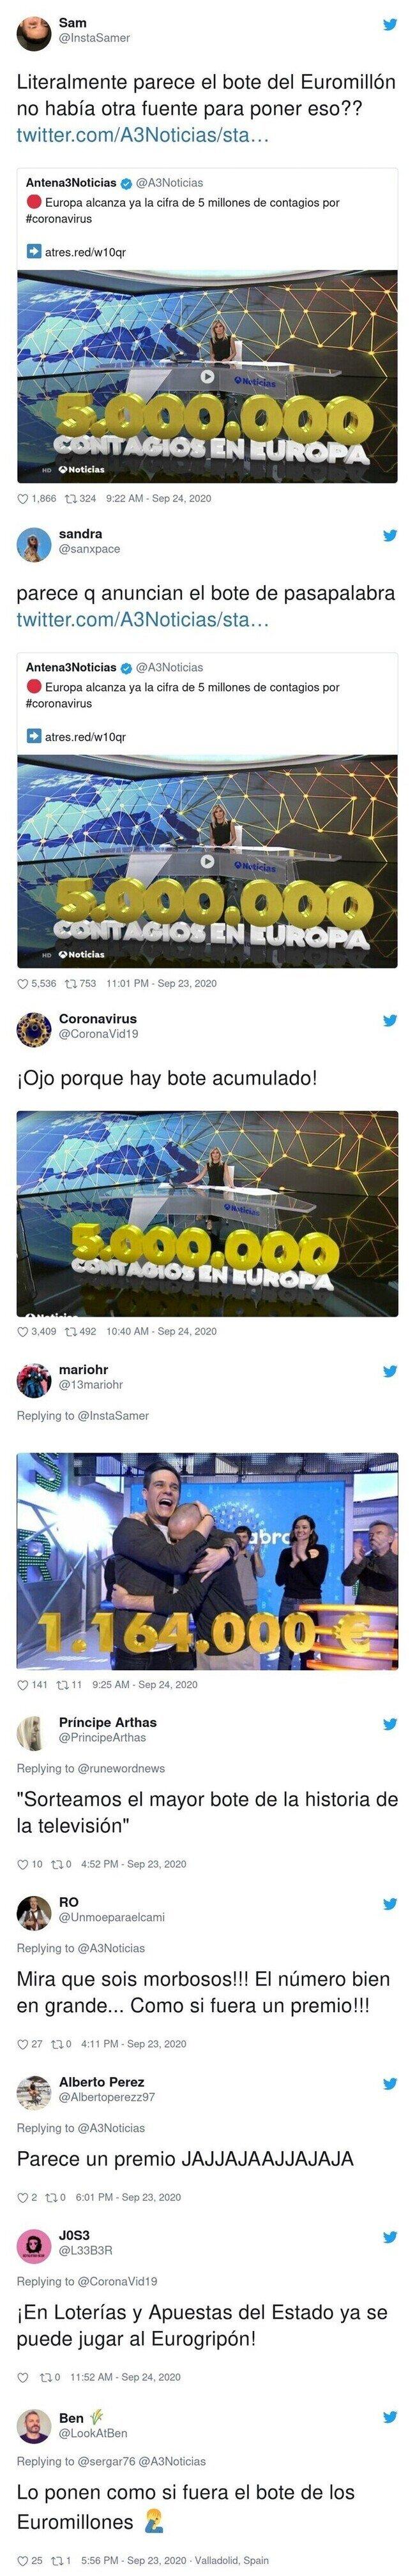 19962 - Antena3 Noticias la lía máximo al anunciar el número de contagiados como si fuera el bote de un programa de televisión y provoca el tremendo troleo de Twitter